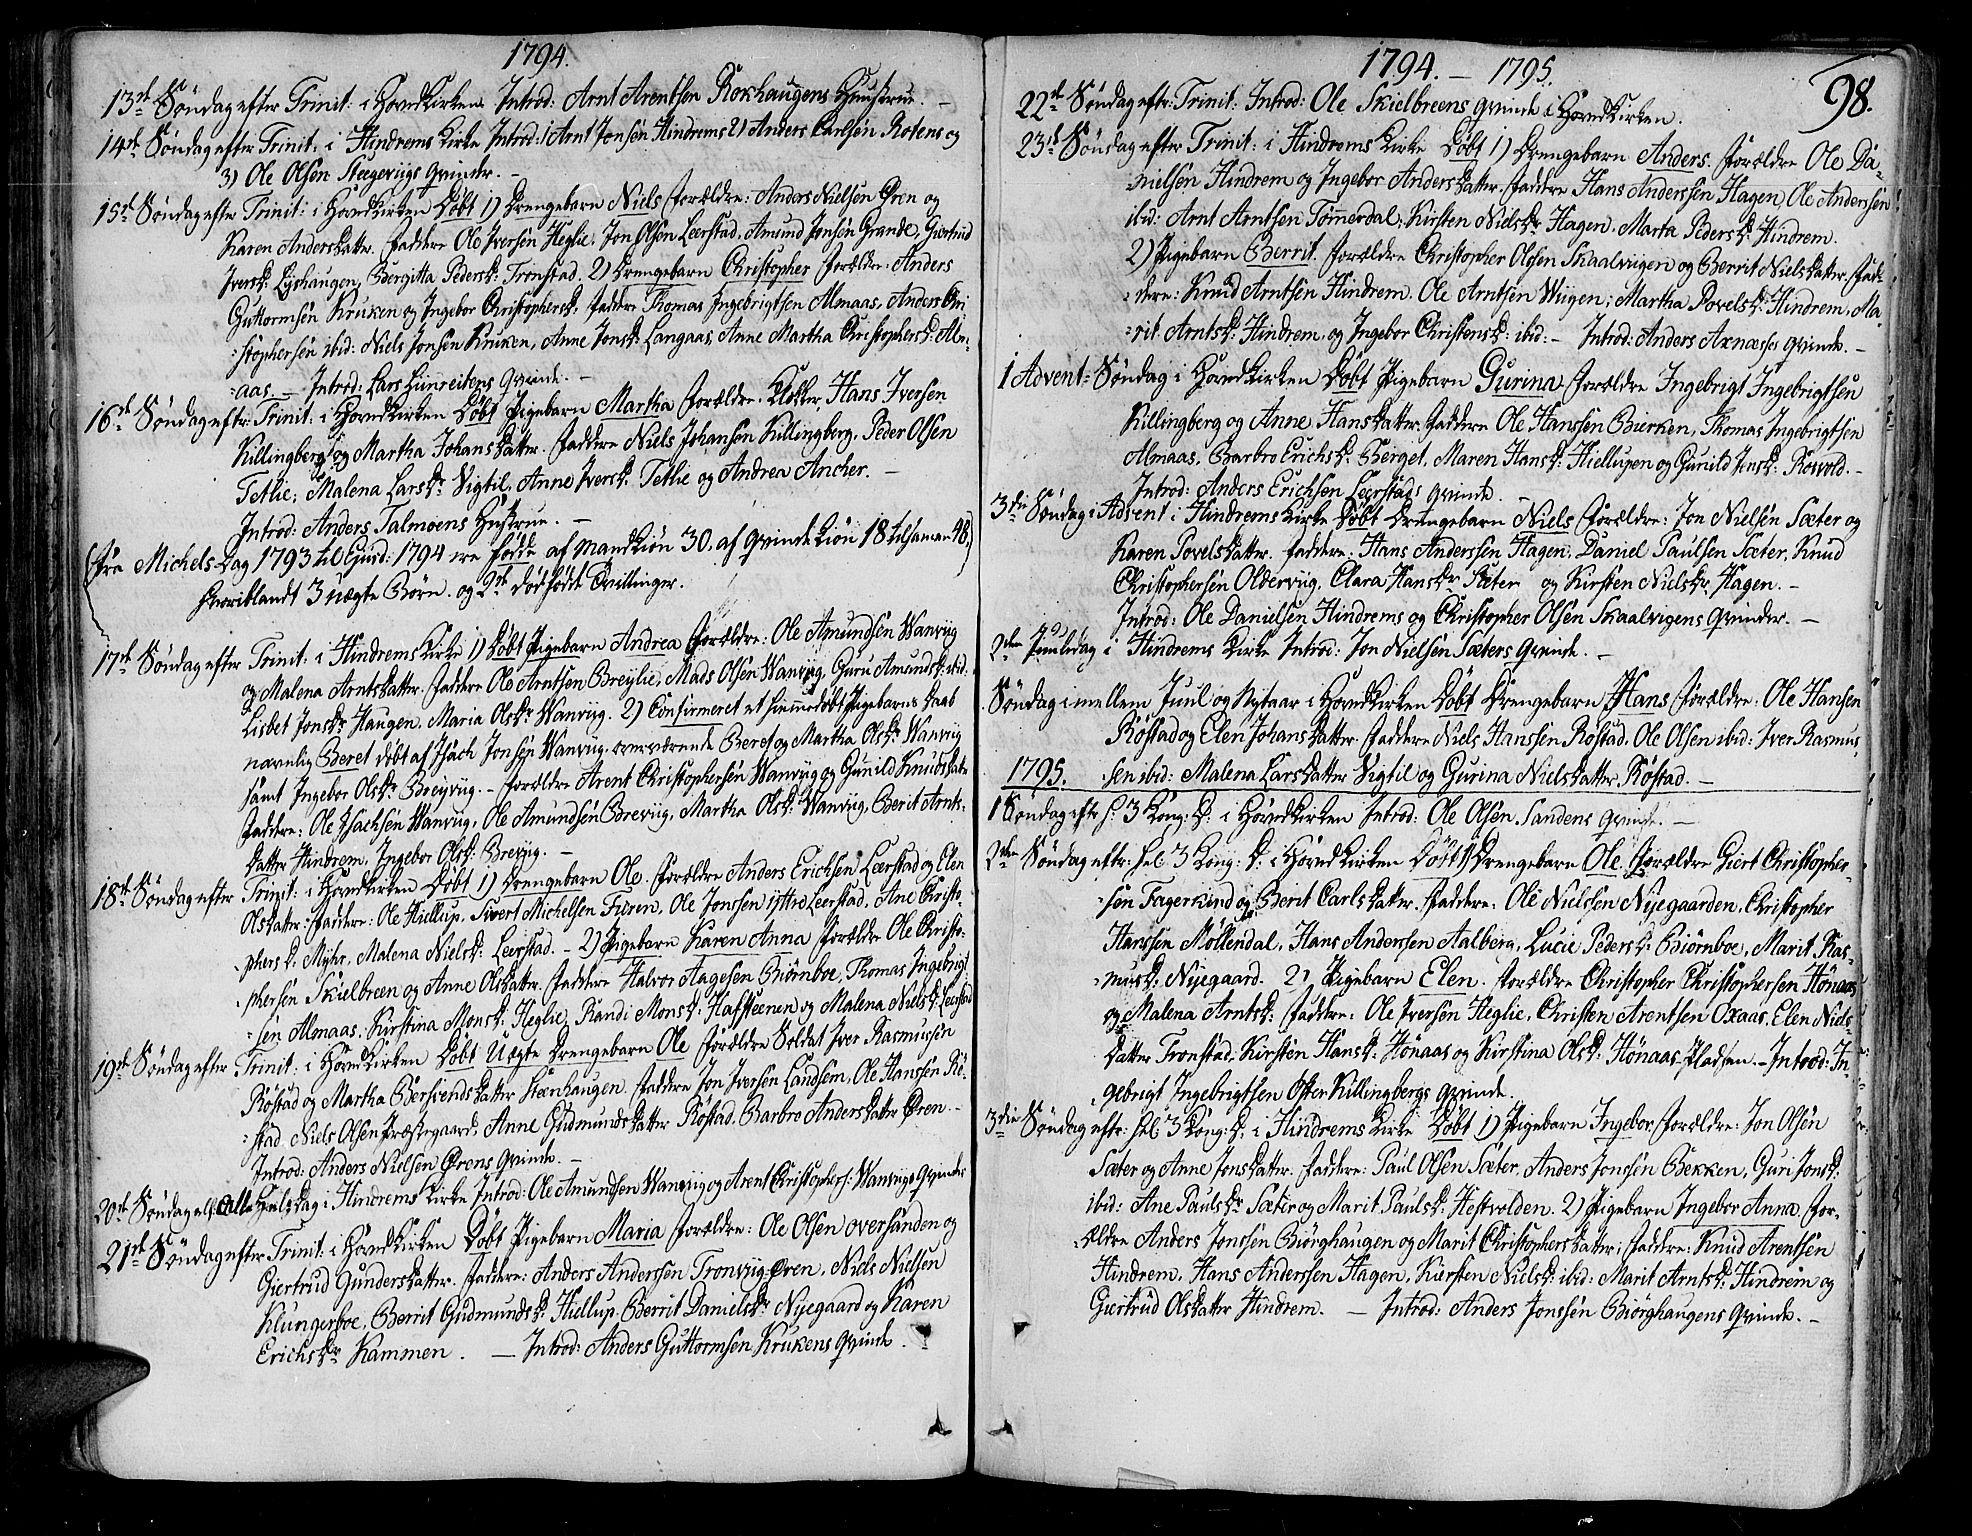 SAT, Ministerialprotokoller, klokkerbøker og fødselsregistre - Nord-Trøndelag, 701/L0004: Ministerialbok nr. 701A04, 1783-1816, s. 98